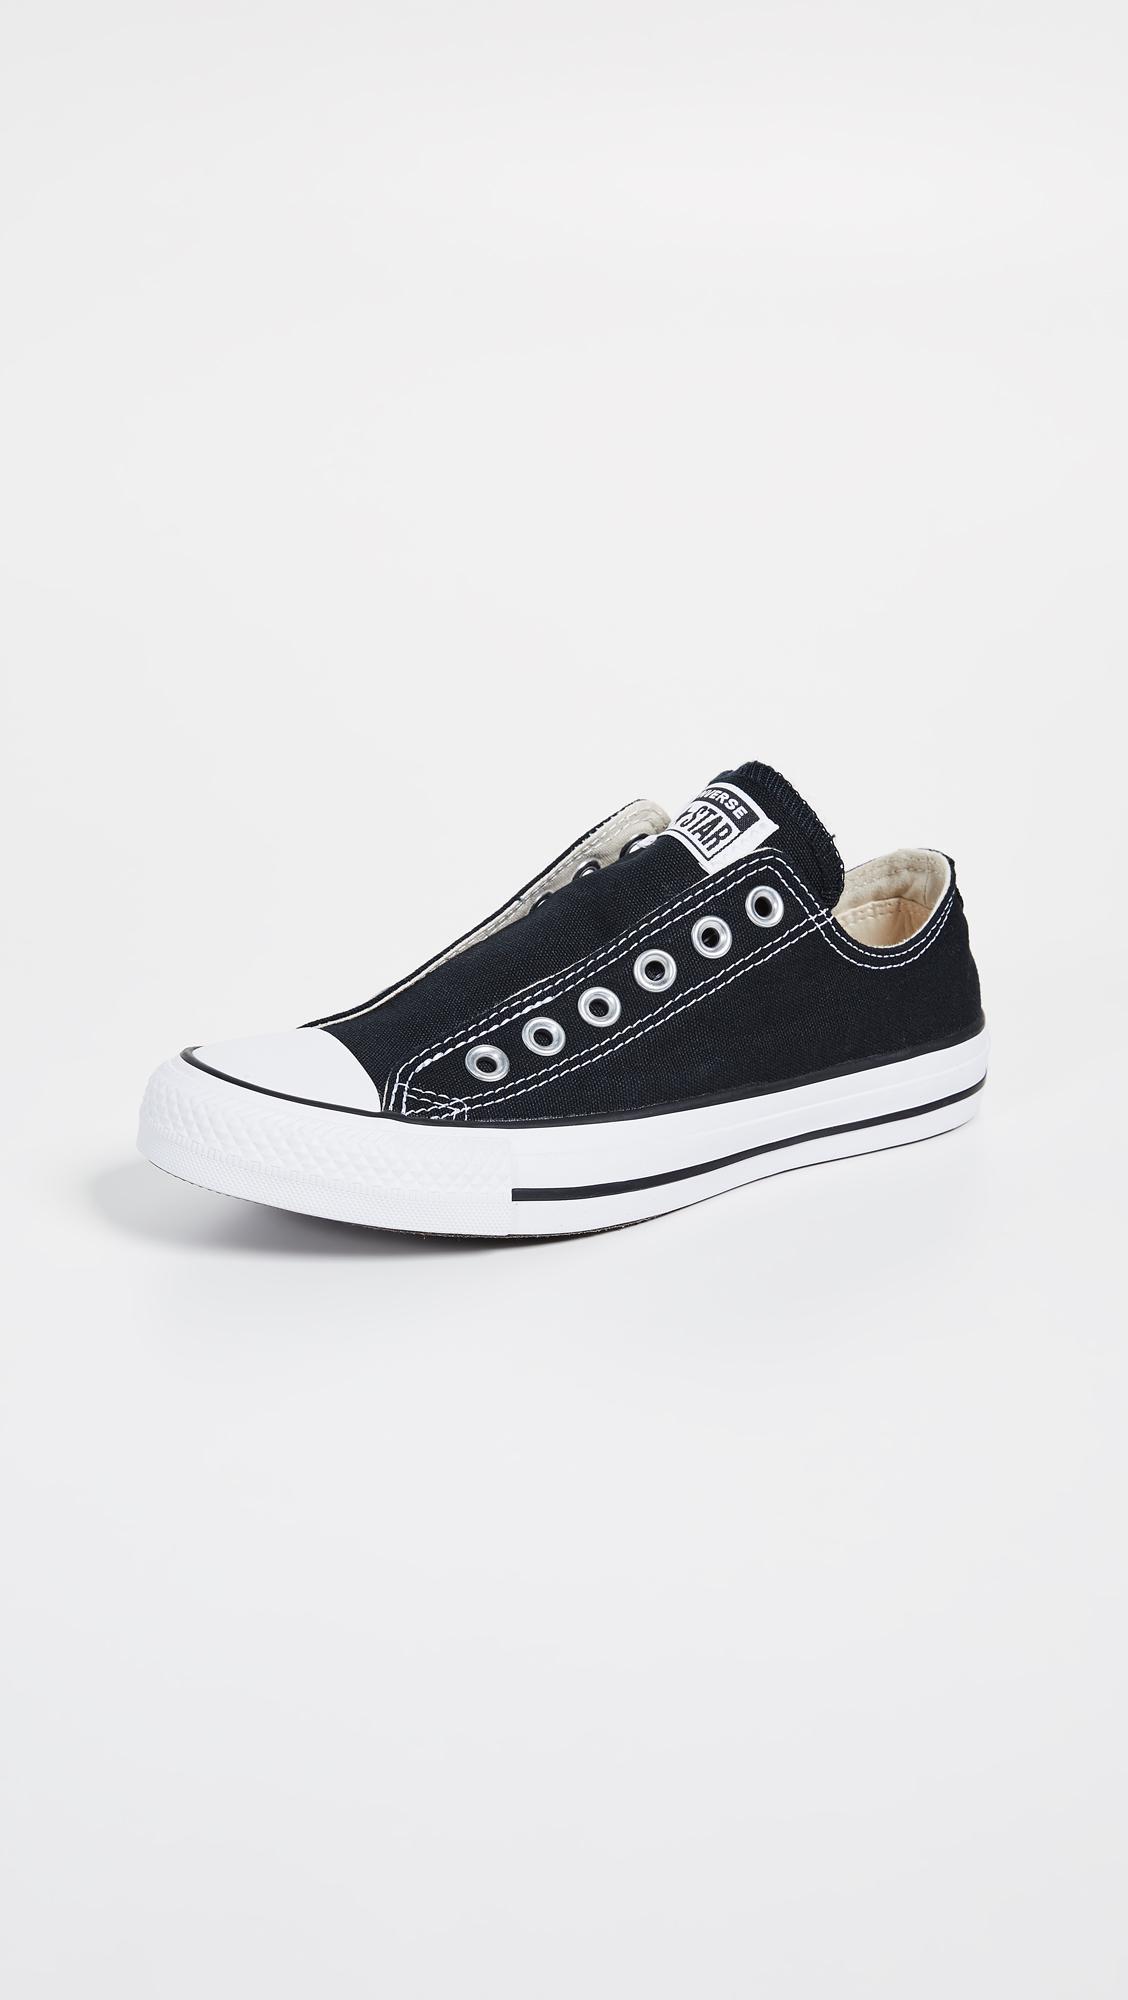 0463e308e3de1 Converse Chuck Taylor All Star Slip On Sneakers in Black - Lyst